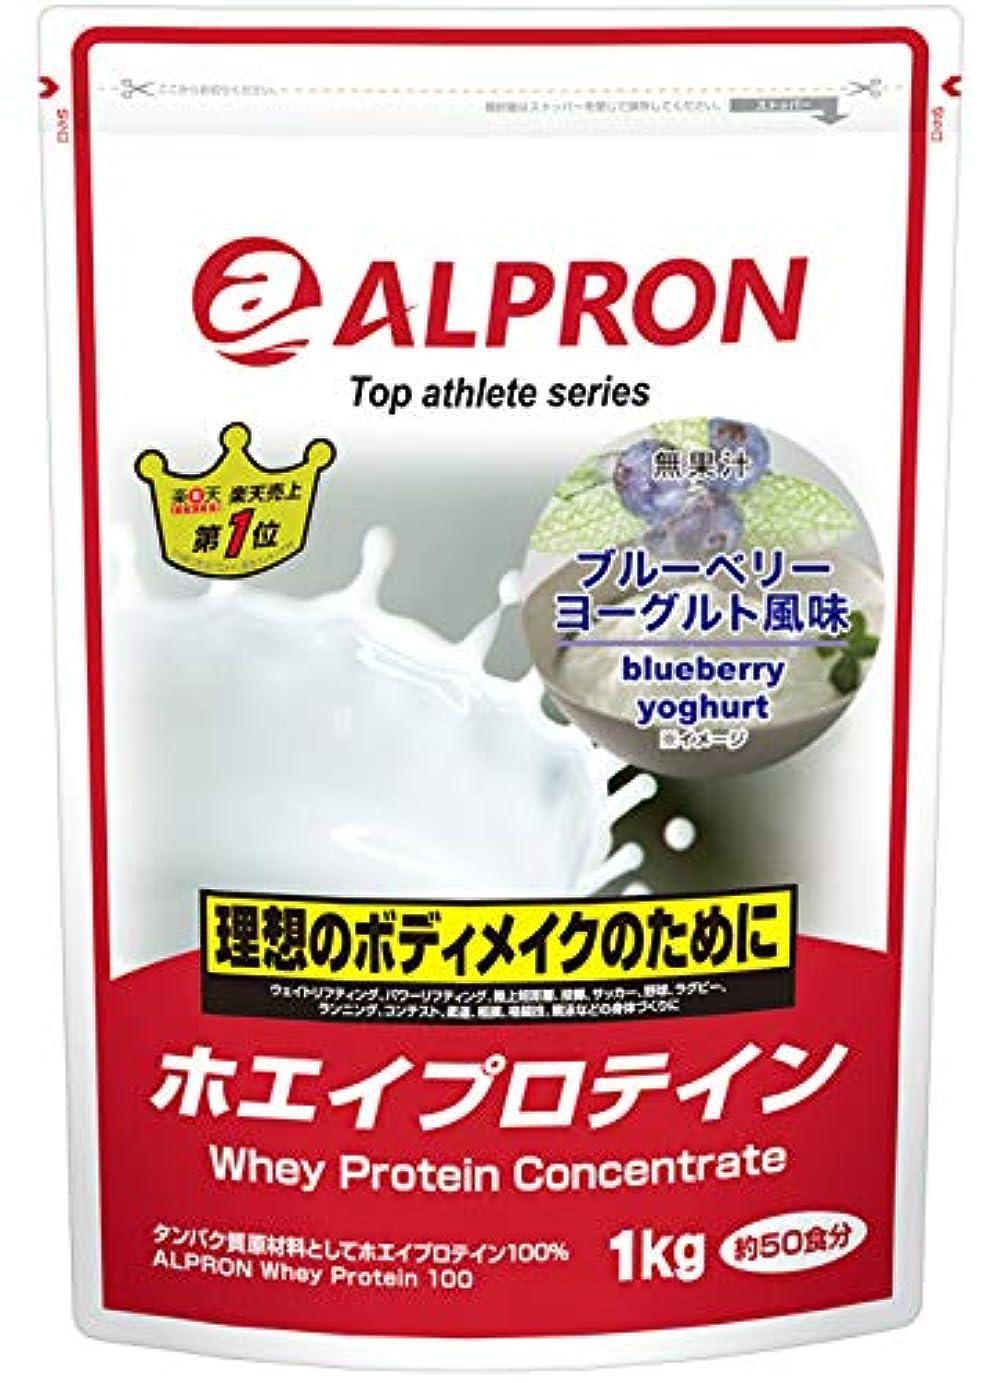 マリン可決改修するアルプロン ホエイプロテイン100 1kg【約50食】ブルーベリーヨーグルト風味(WPC ALPRON 国内生産)